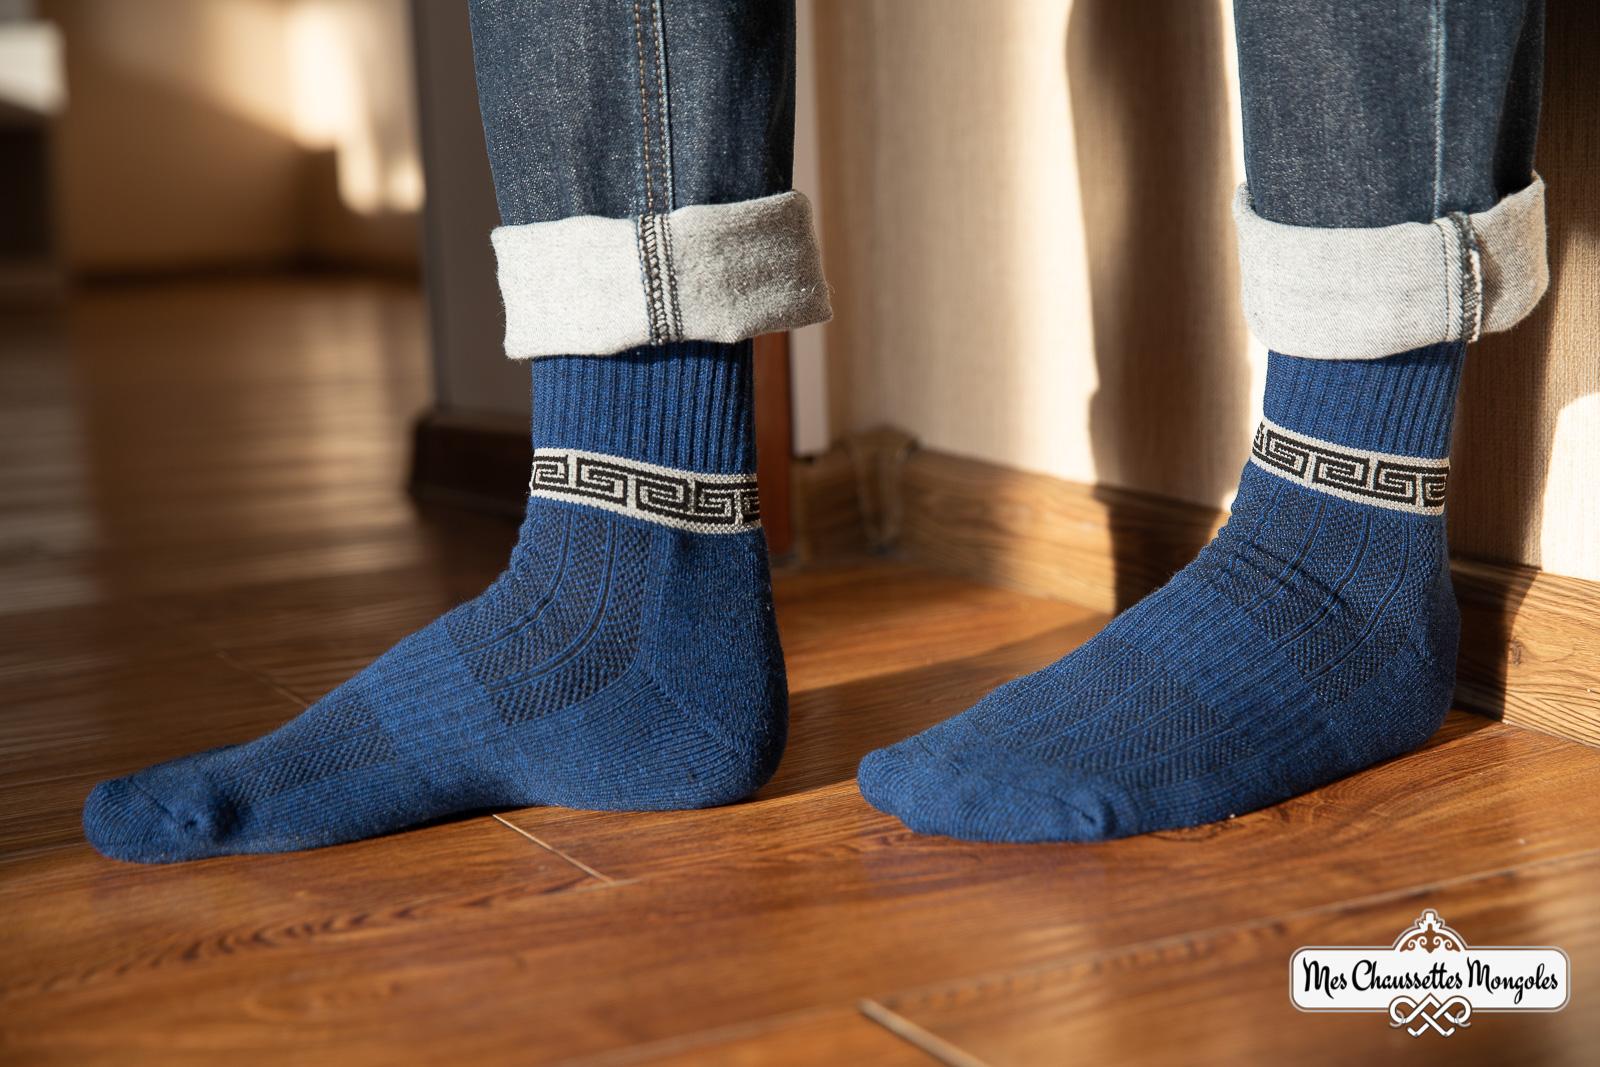 Chaussettes en coton bleu avec frise MCM